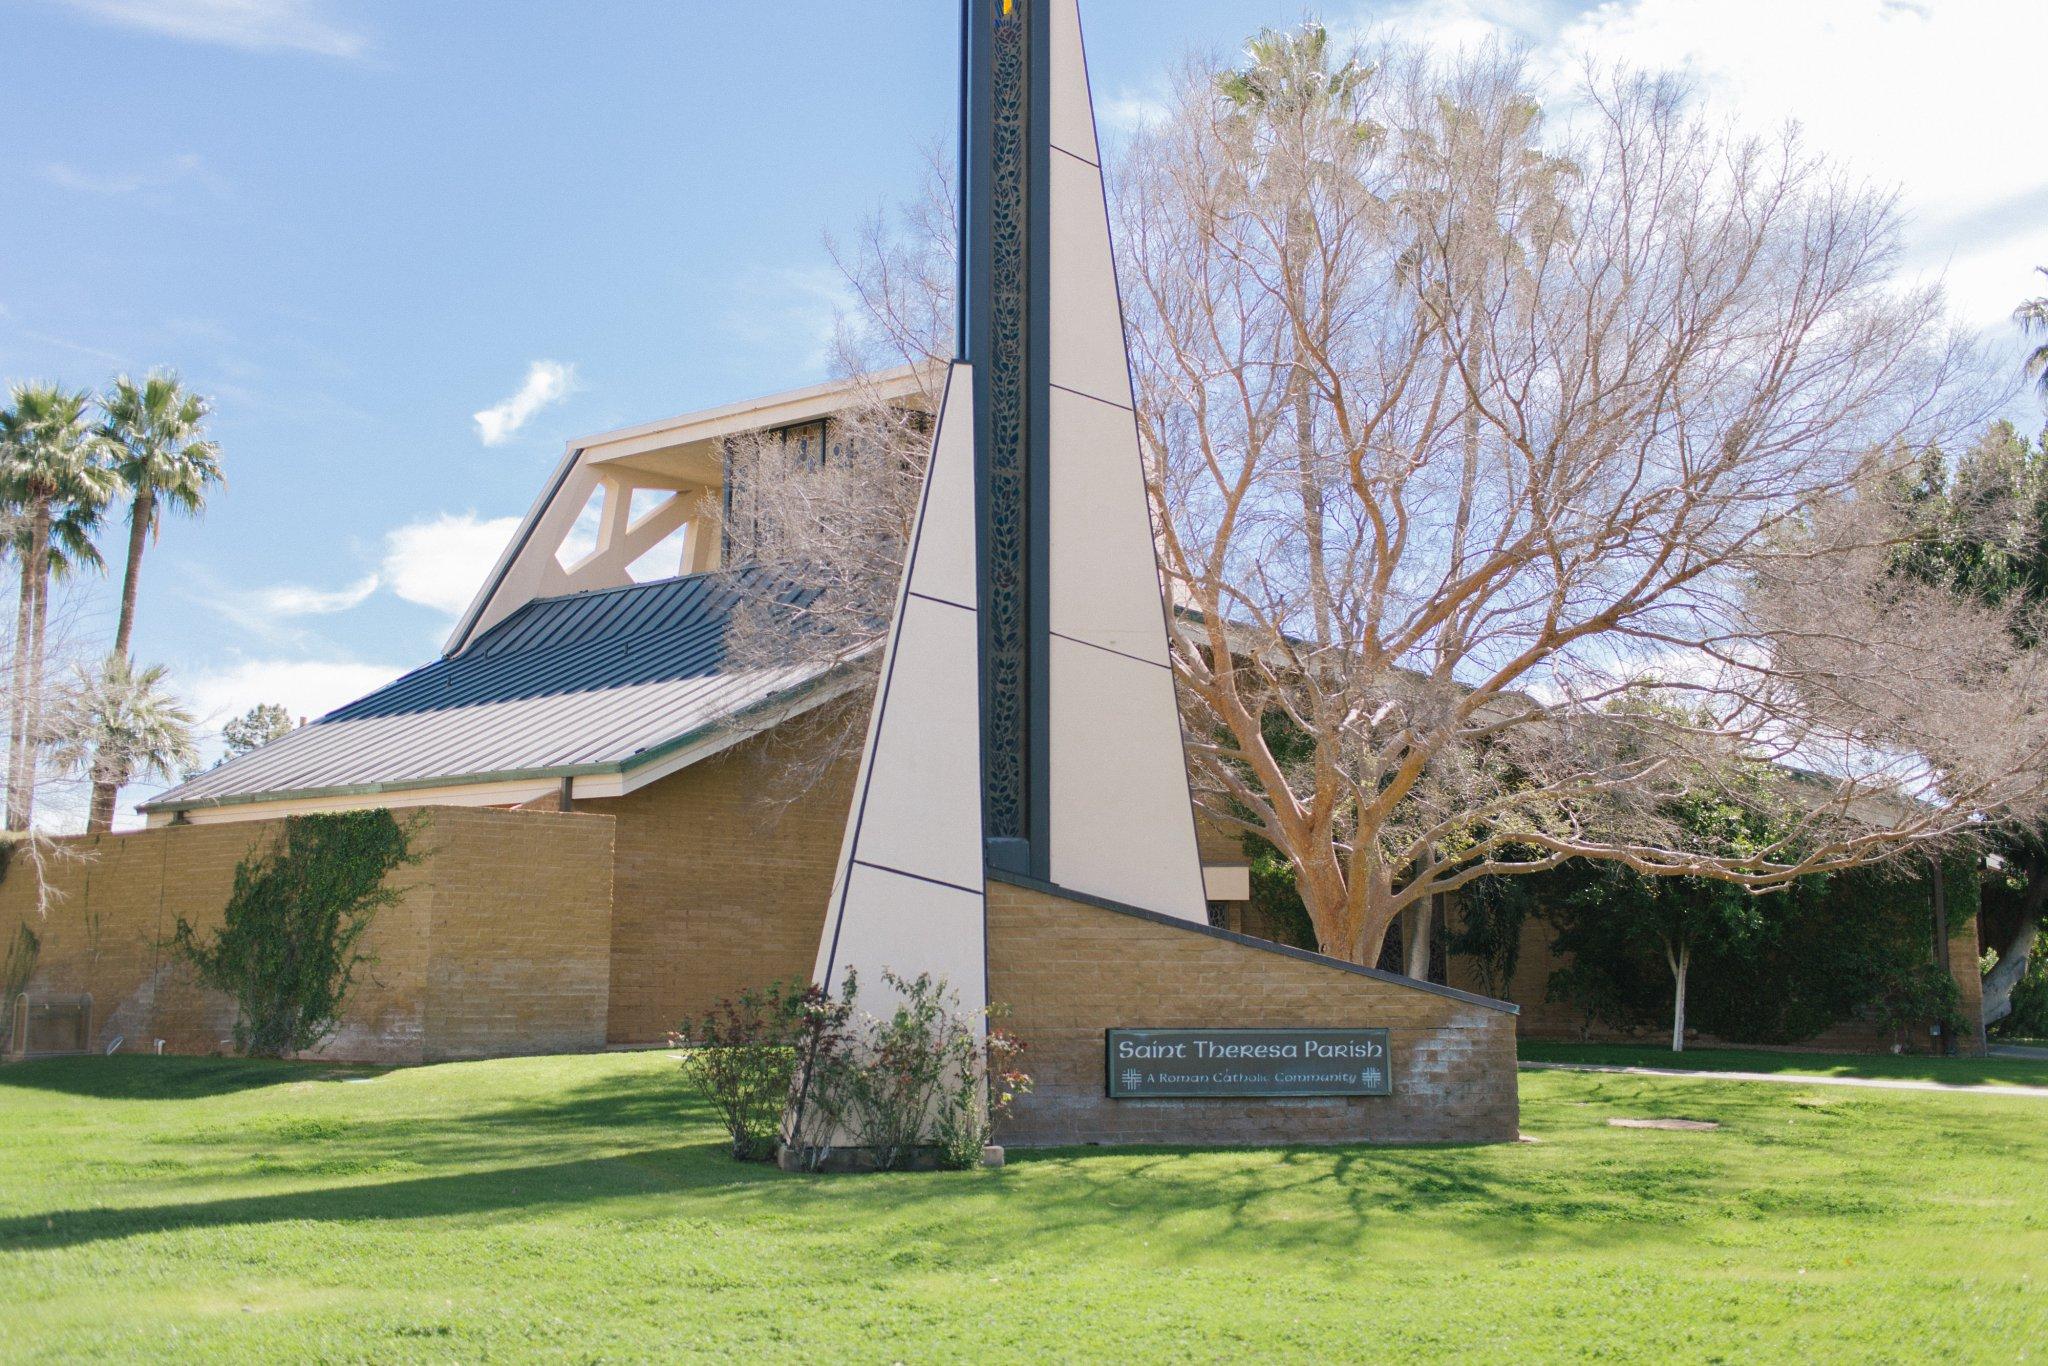 St Teresa Catholic church